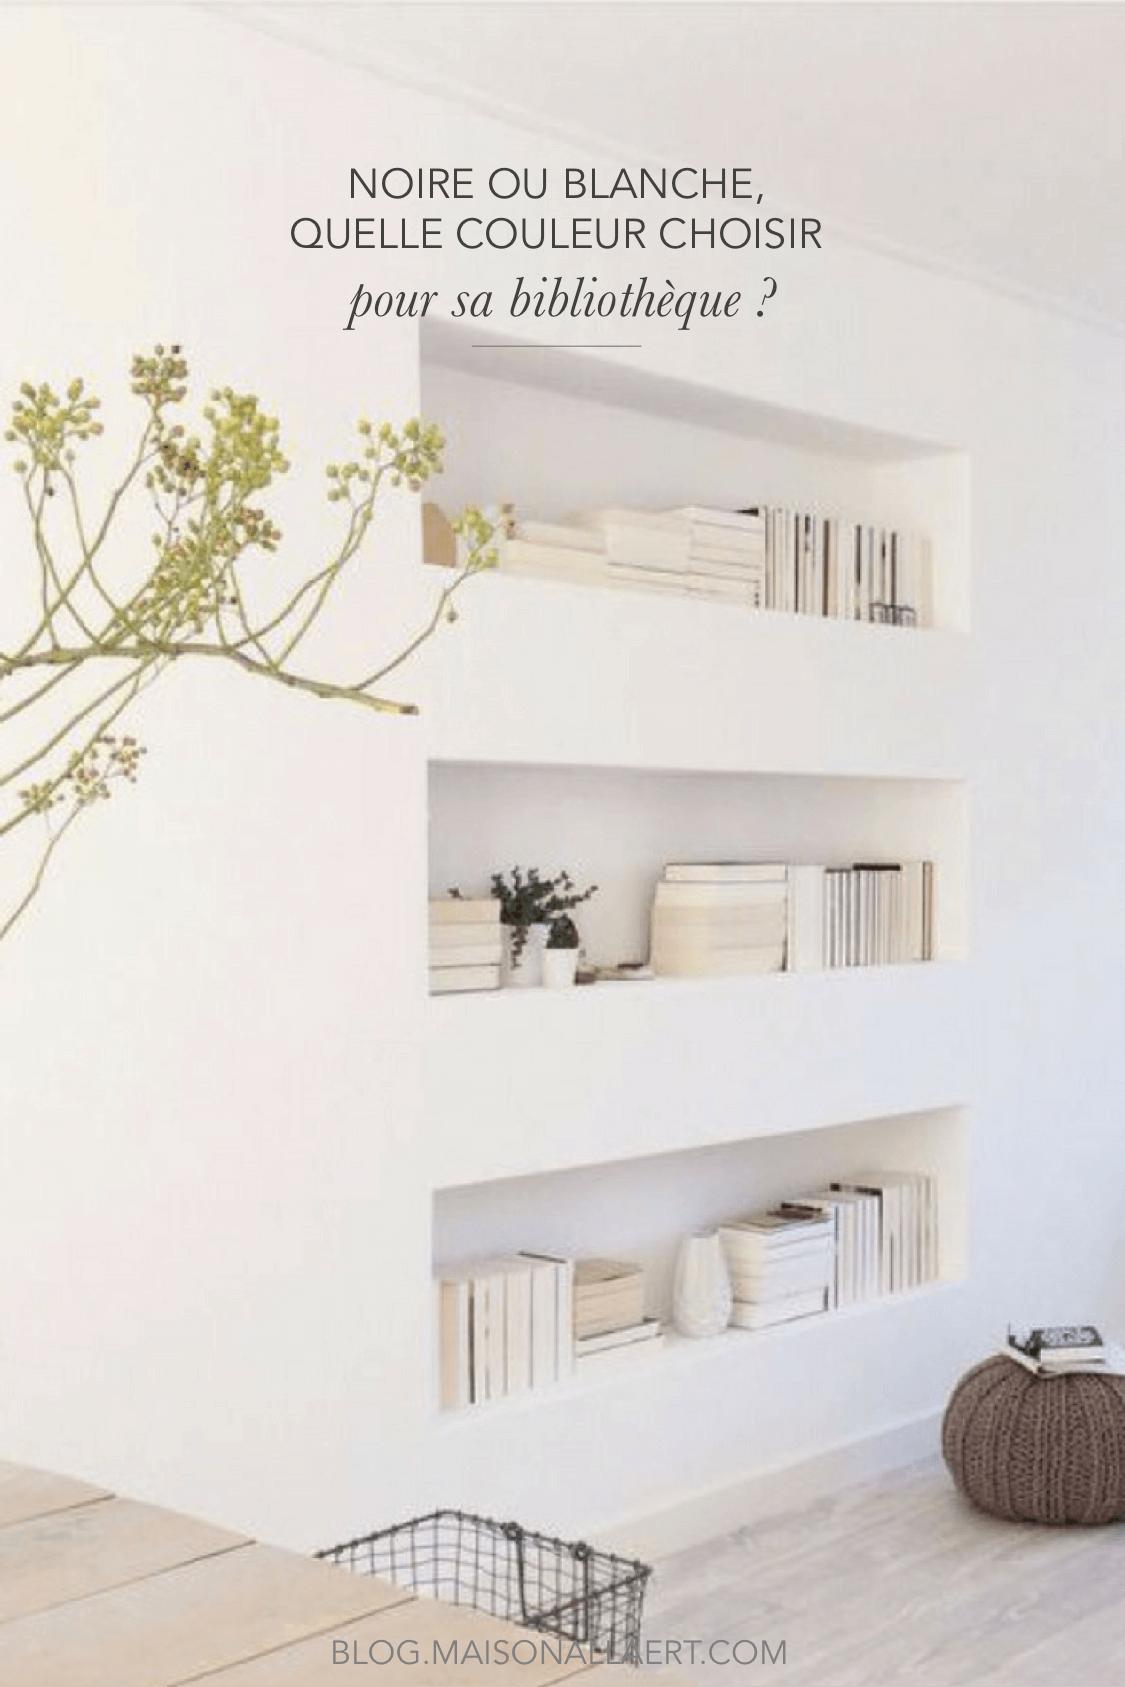 Aménager une bibliothèque murale dans son salon quelle couleur choisir